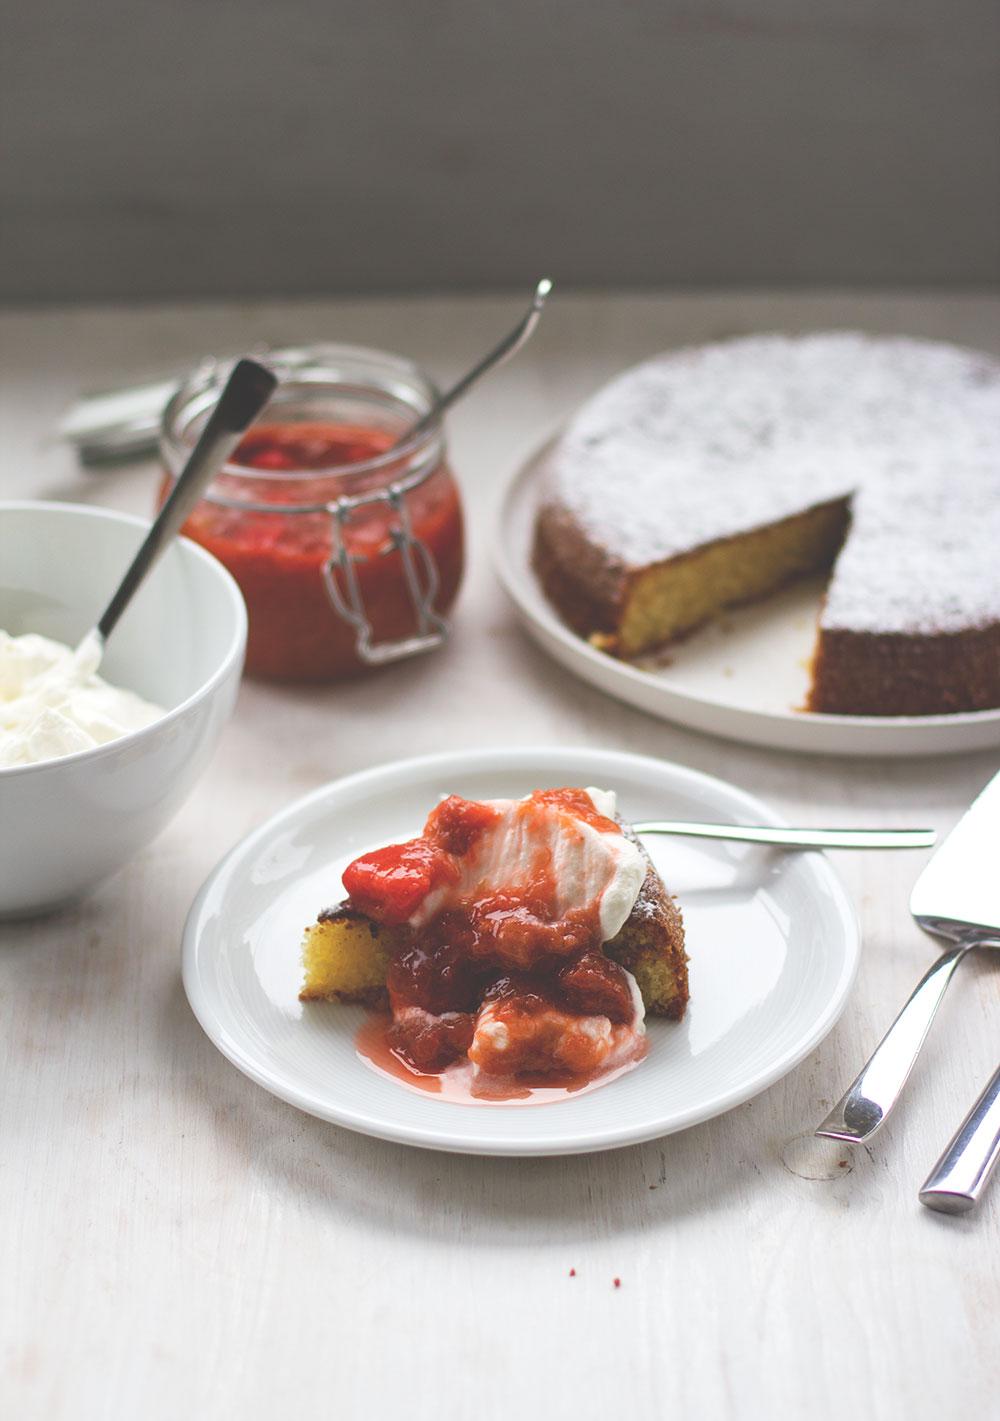 Rezept für saftigen Mandelkuchen mit Rhabarber-Erdbeer-Kompott